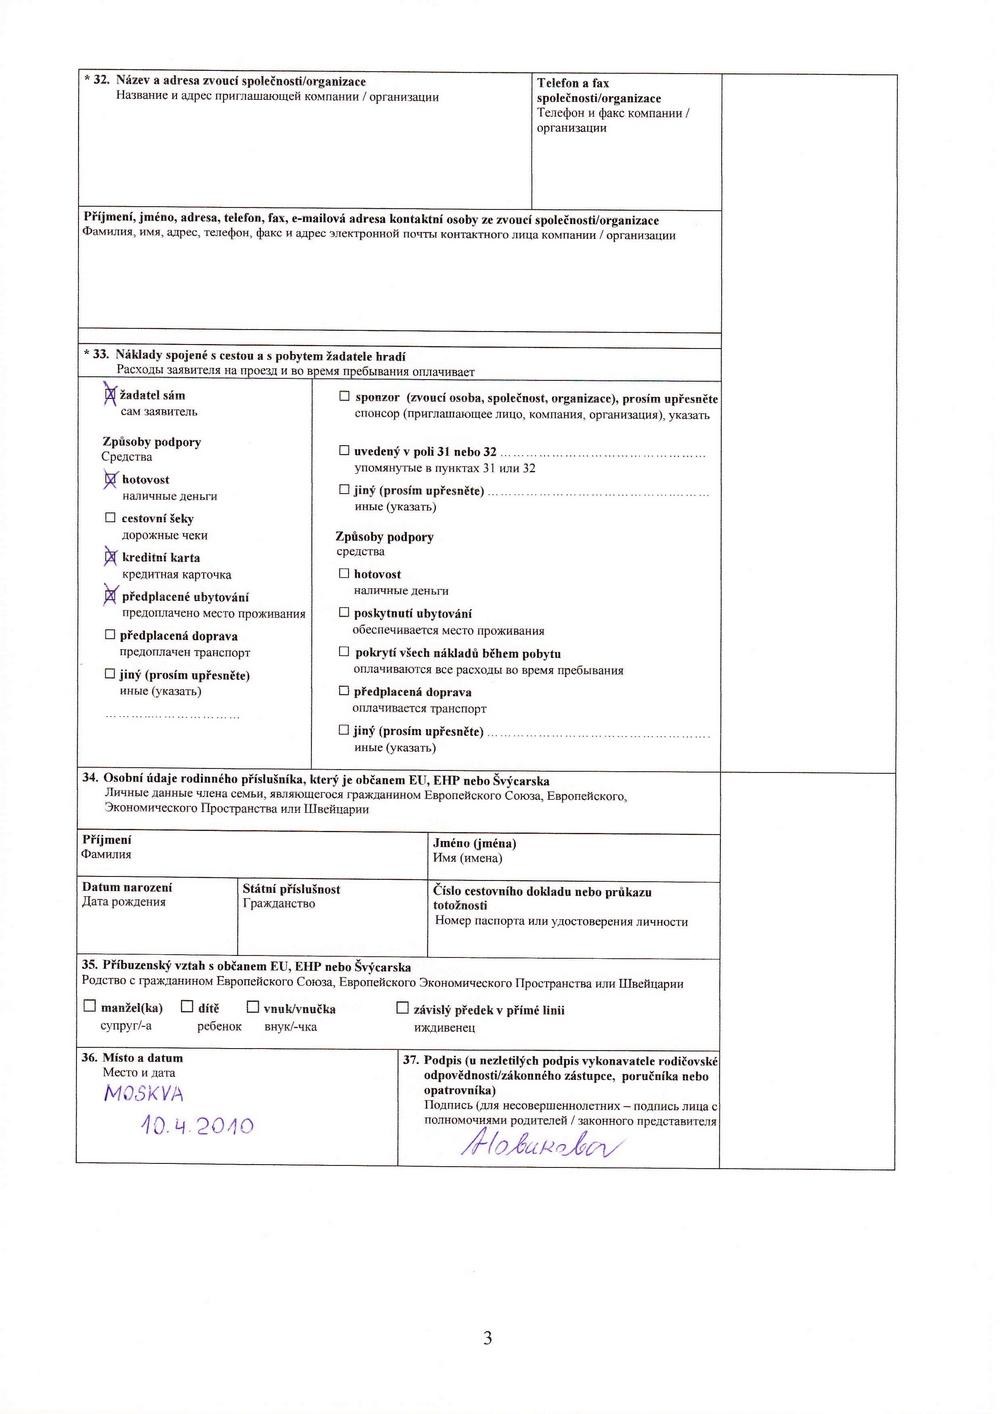 Образец заполнения анкеты на визу в Чехию, стр. 3